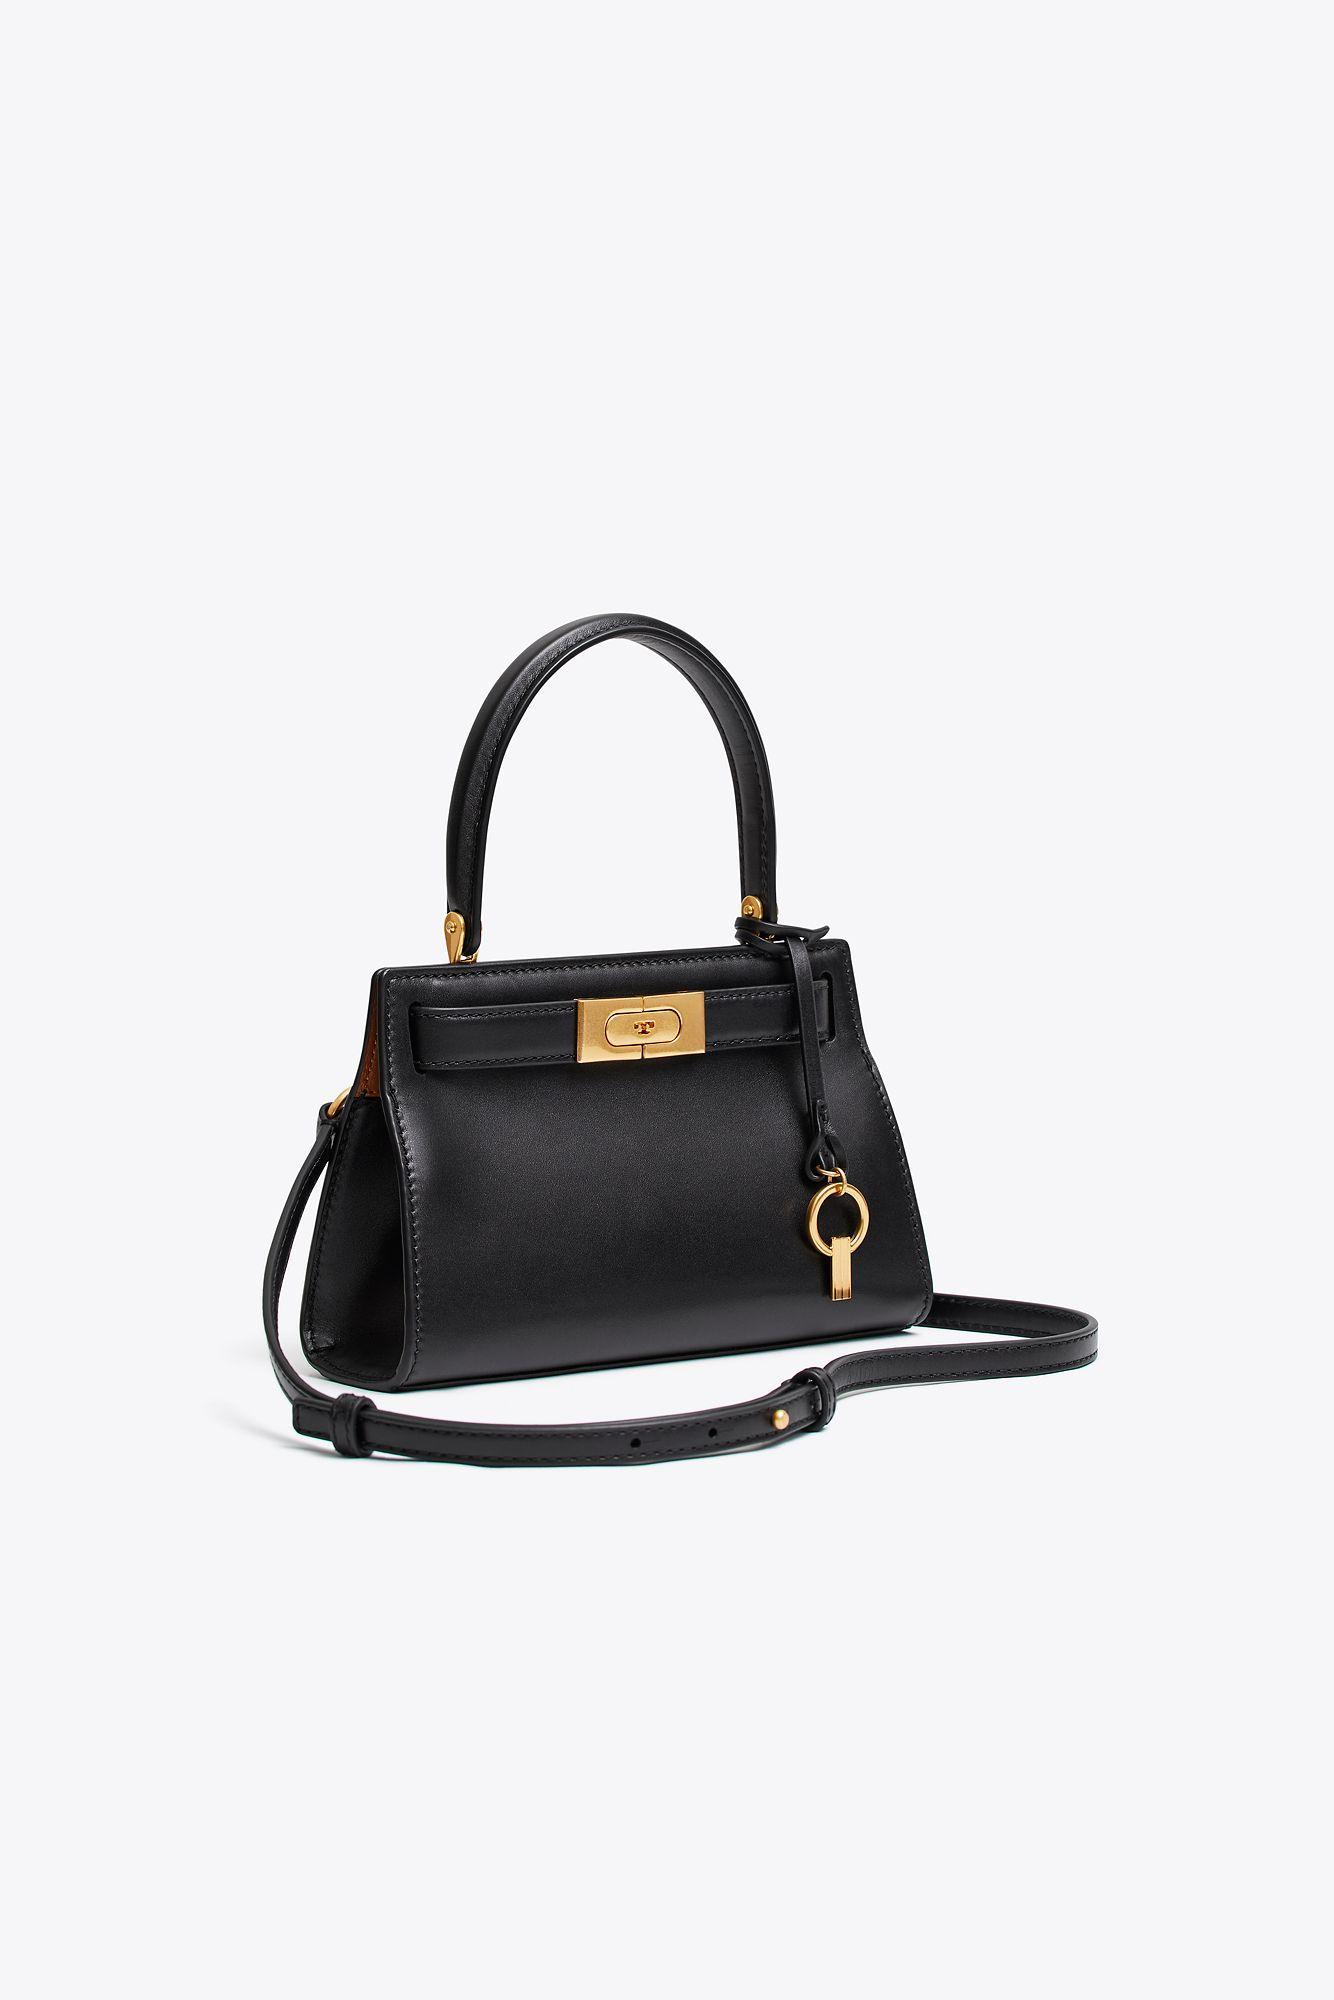 99891e323060 Lyst - Tory Burch Lee Radziwill Petite Bag in Black